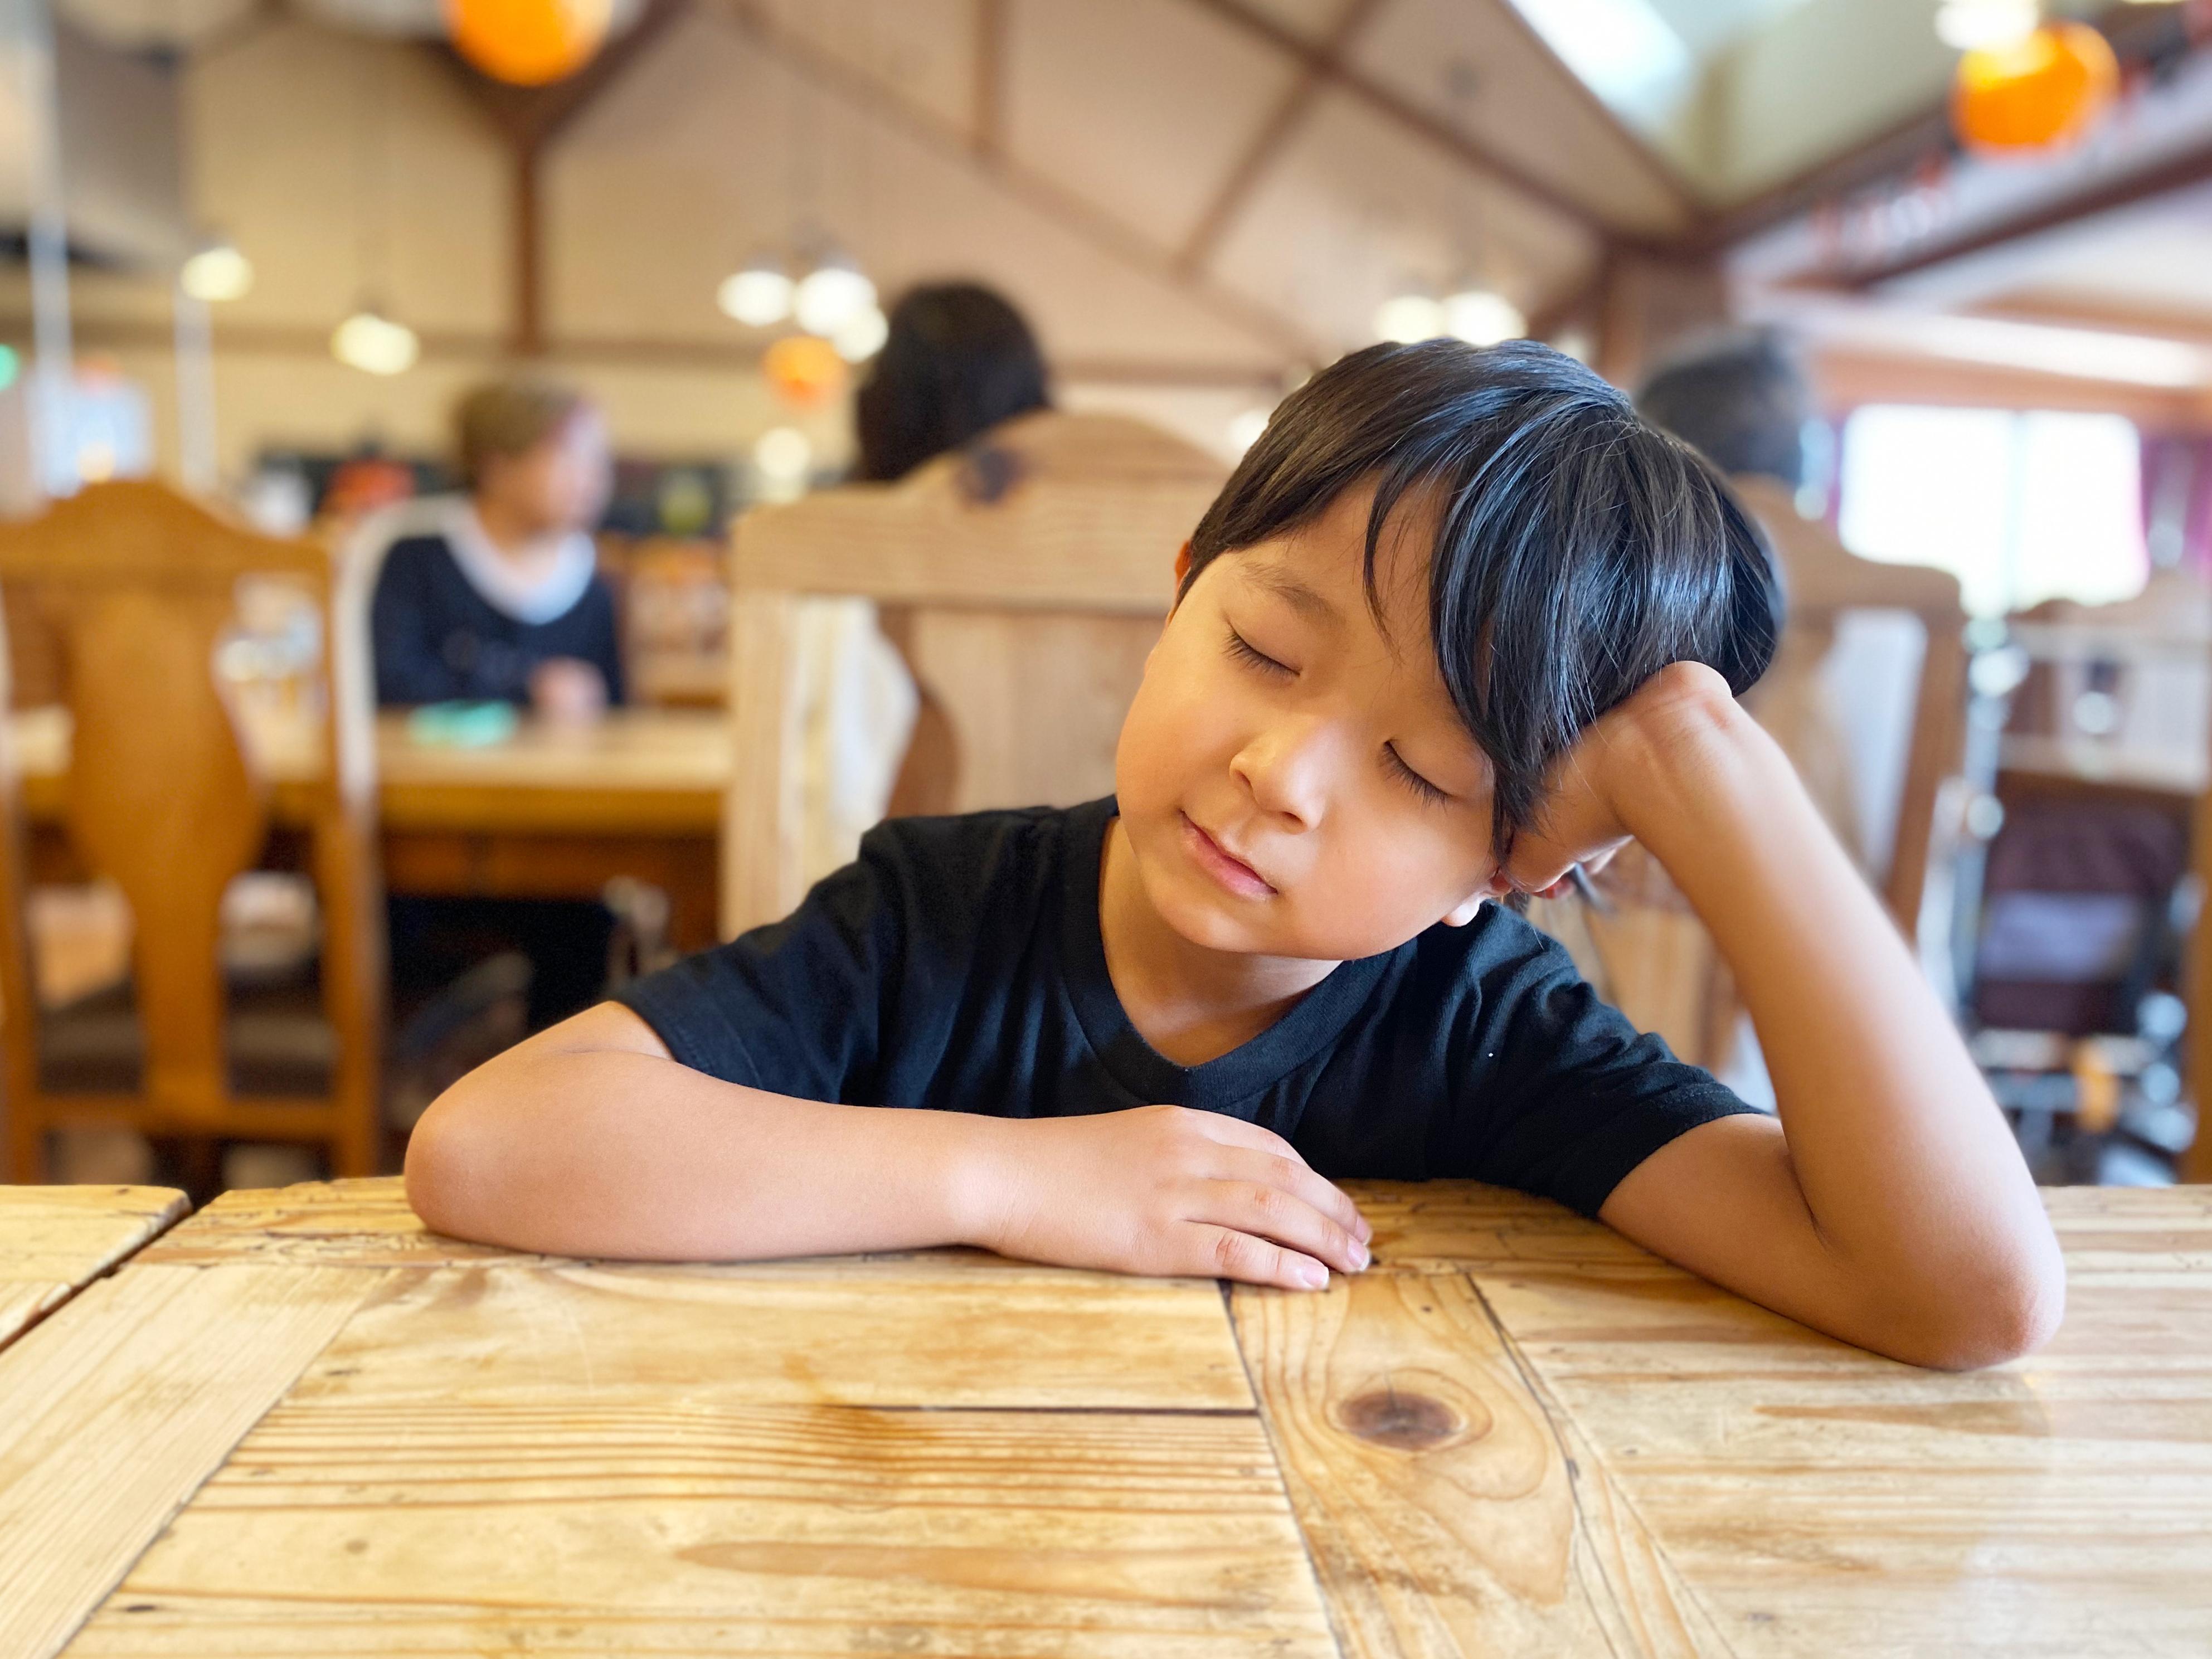 睡眠不足の子どもはケガをしやすい?大切な我が子が良質睡眠を得るためにできること